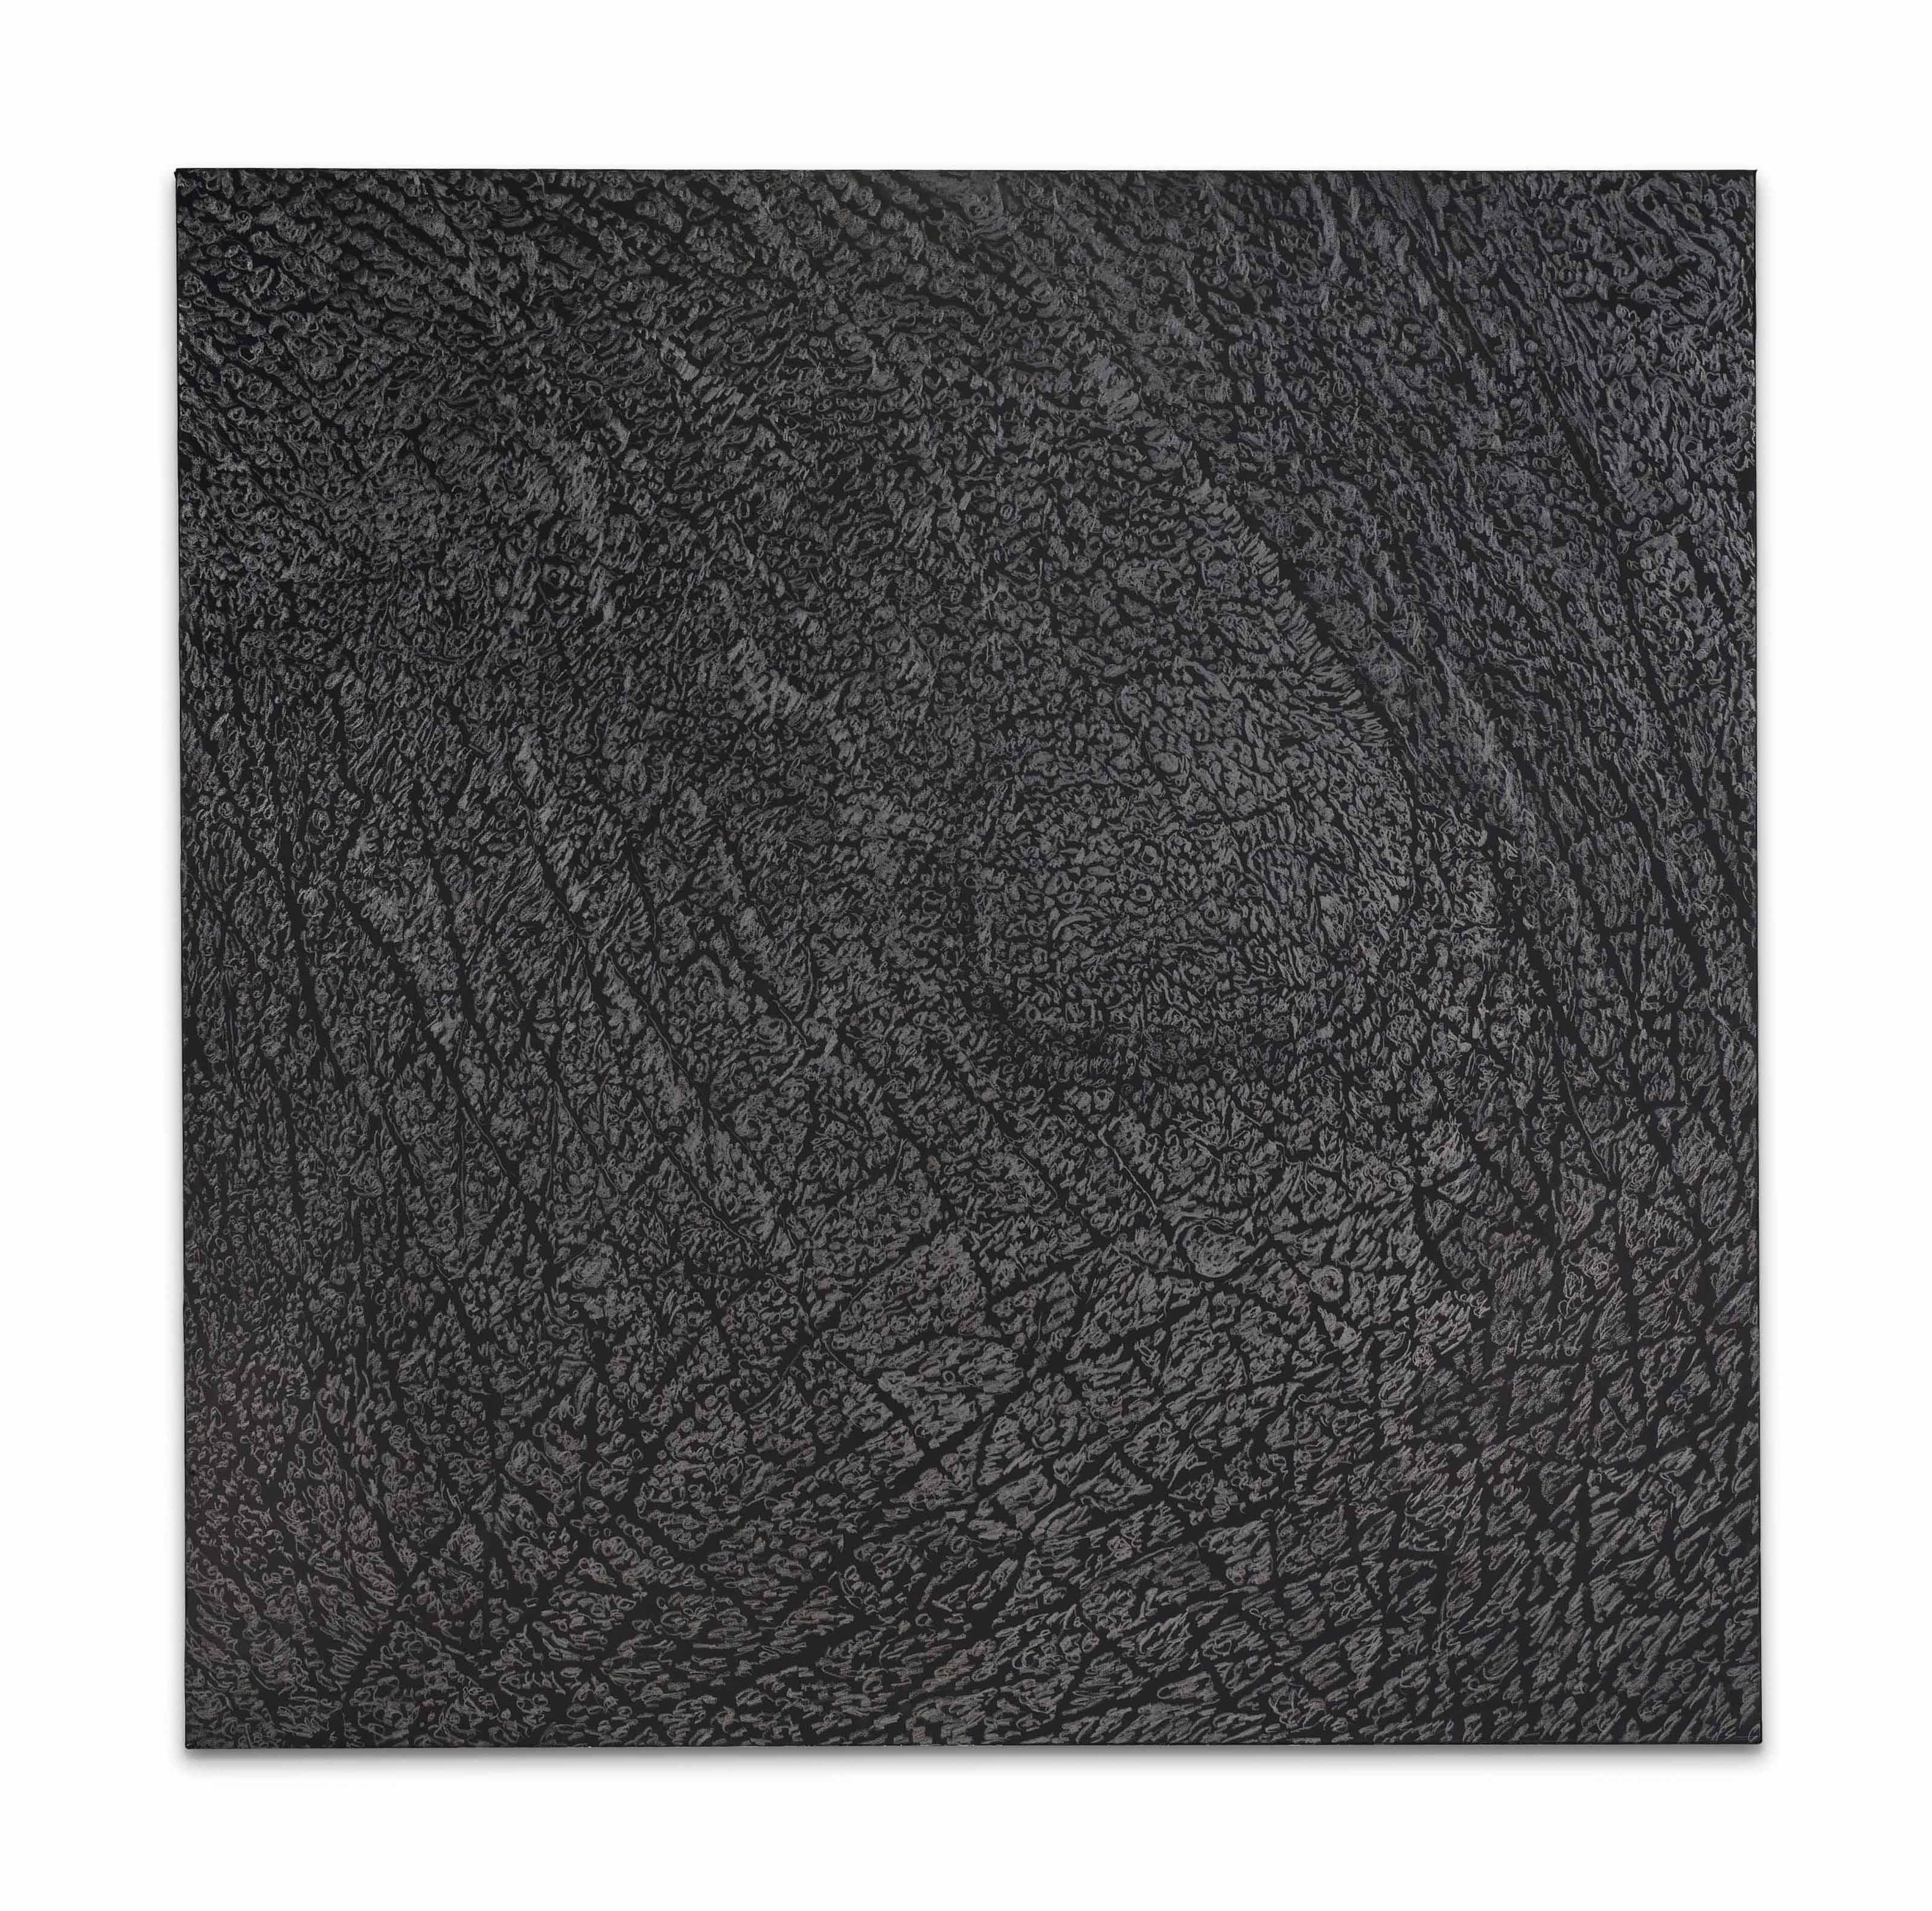 Pelle di grafite - riflesso di alurgite (Skin of graphite - reflection of alurgite)